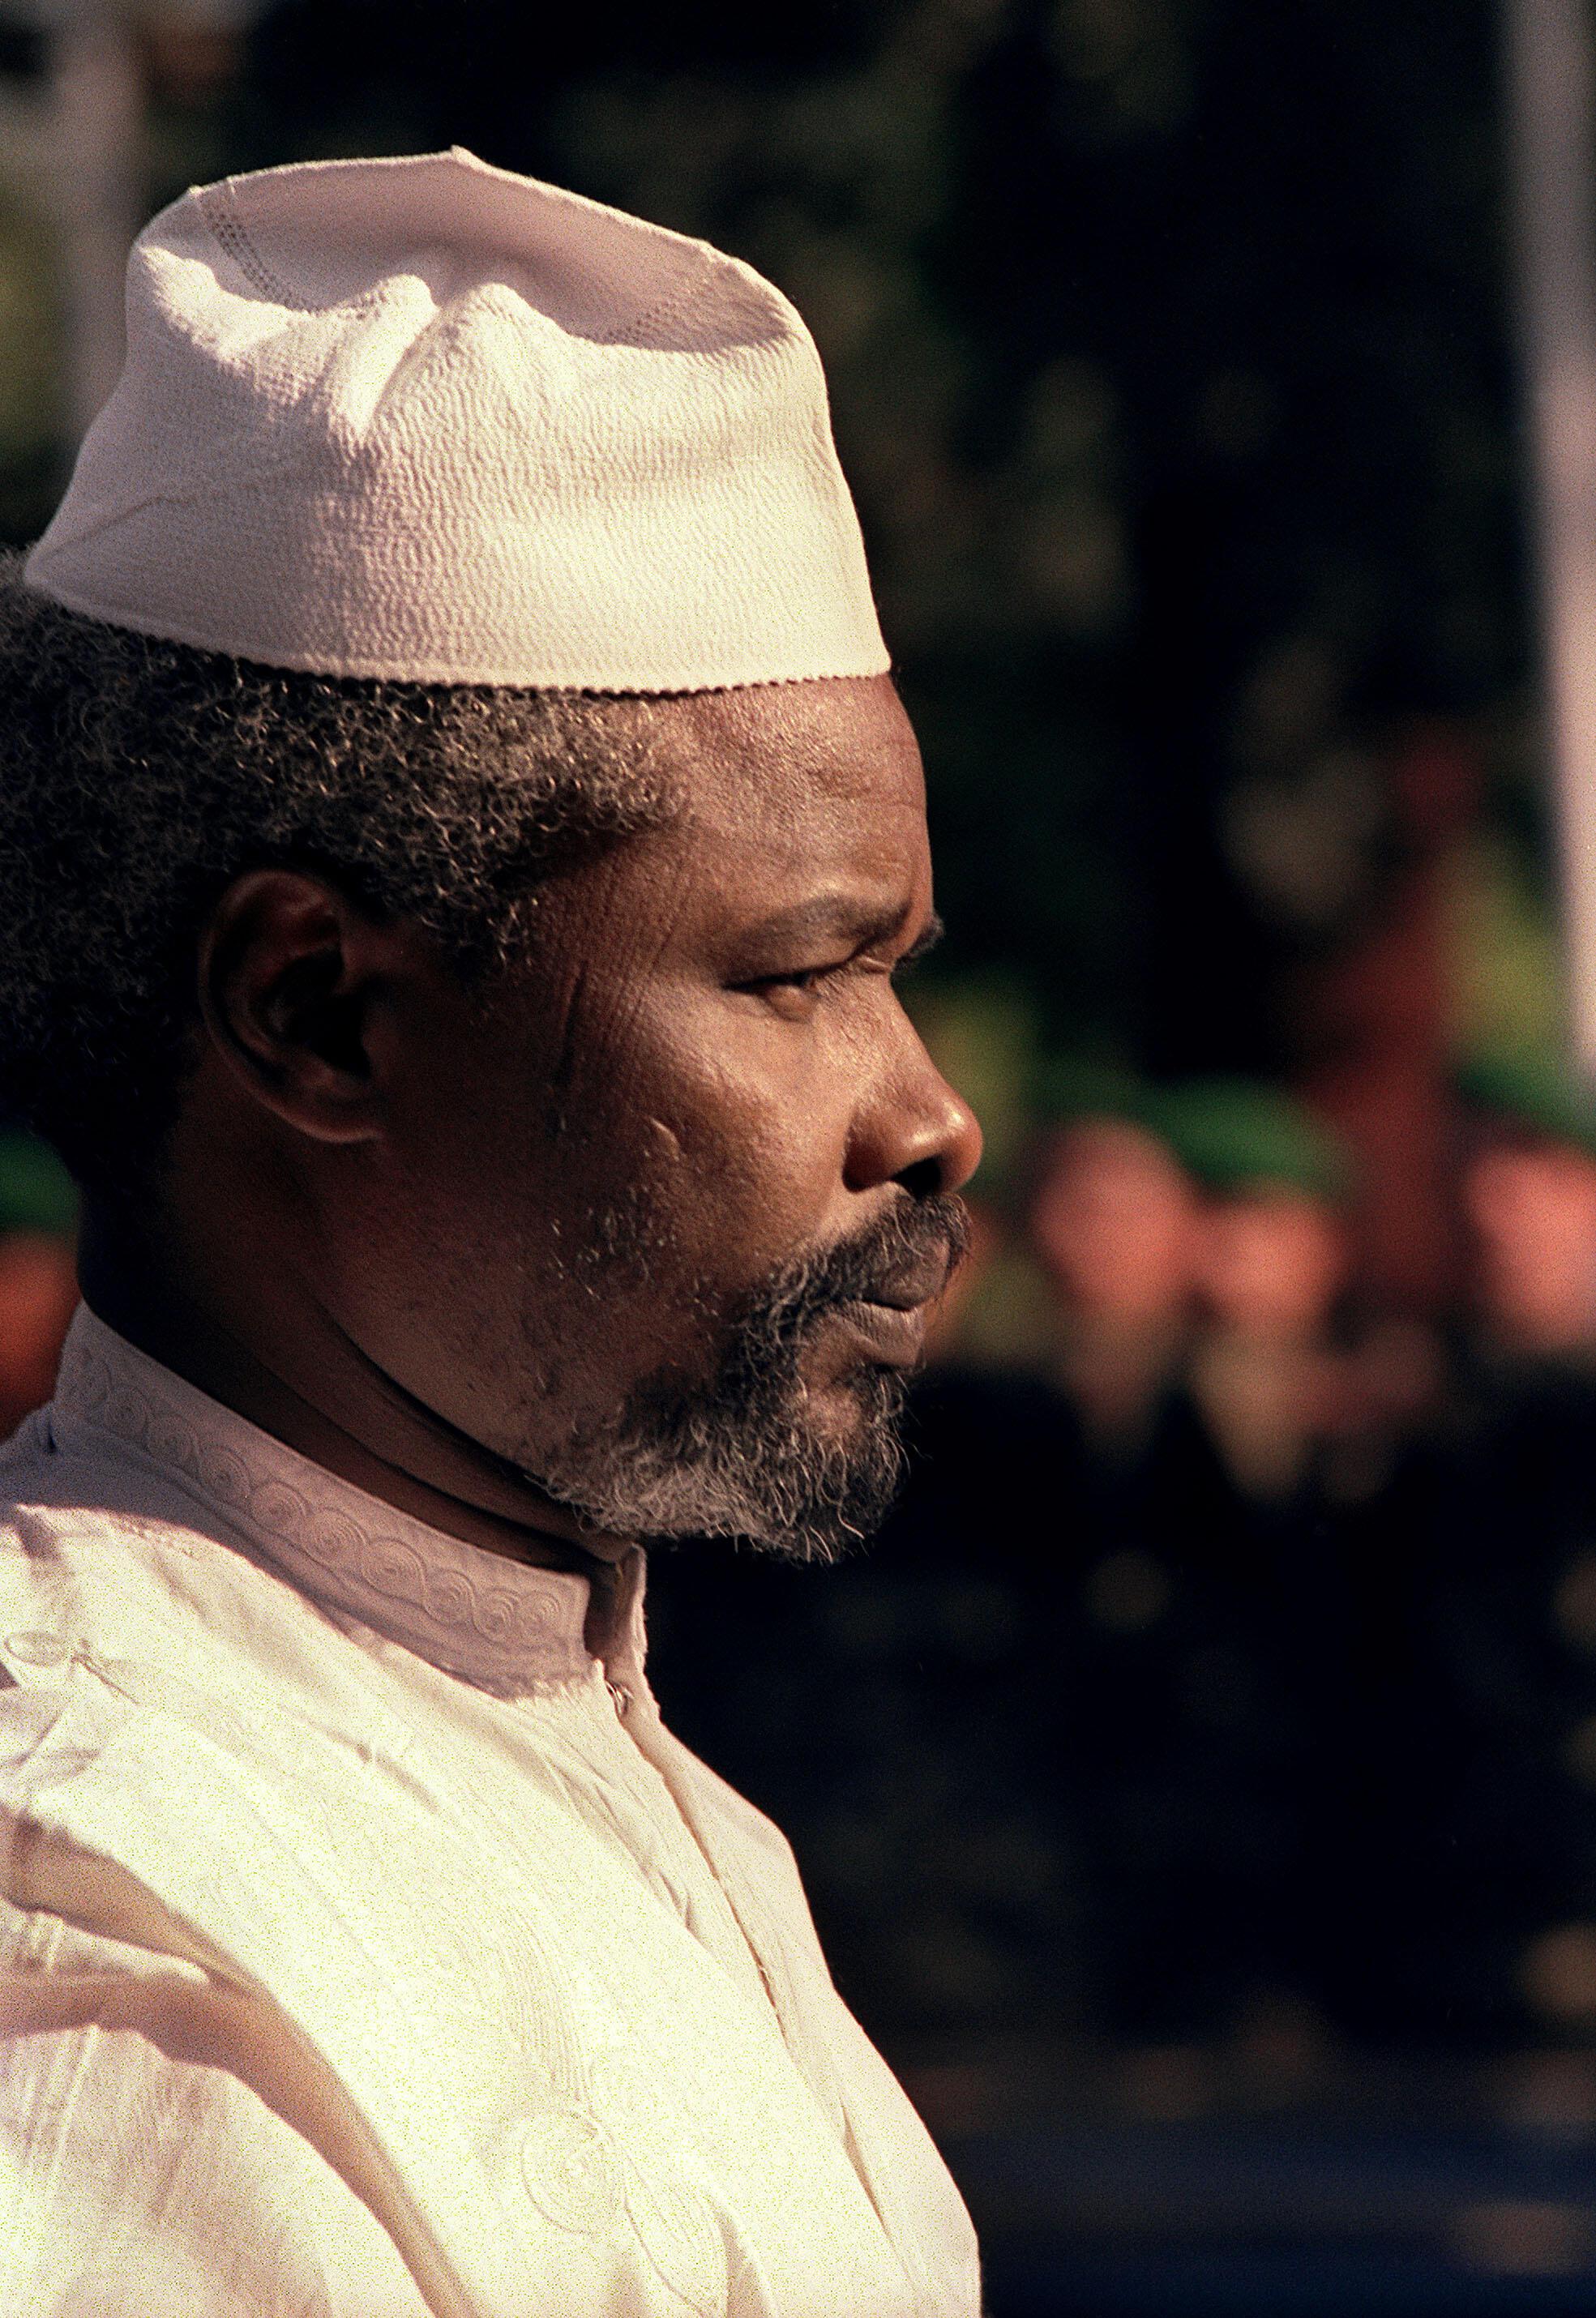 Picha ya Hissene Habre, iliopigwa mwaka 1988 wakati wa mkutano kati ya Ufaransa na nchi za Afrika mjini Casablanca.